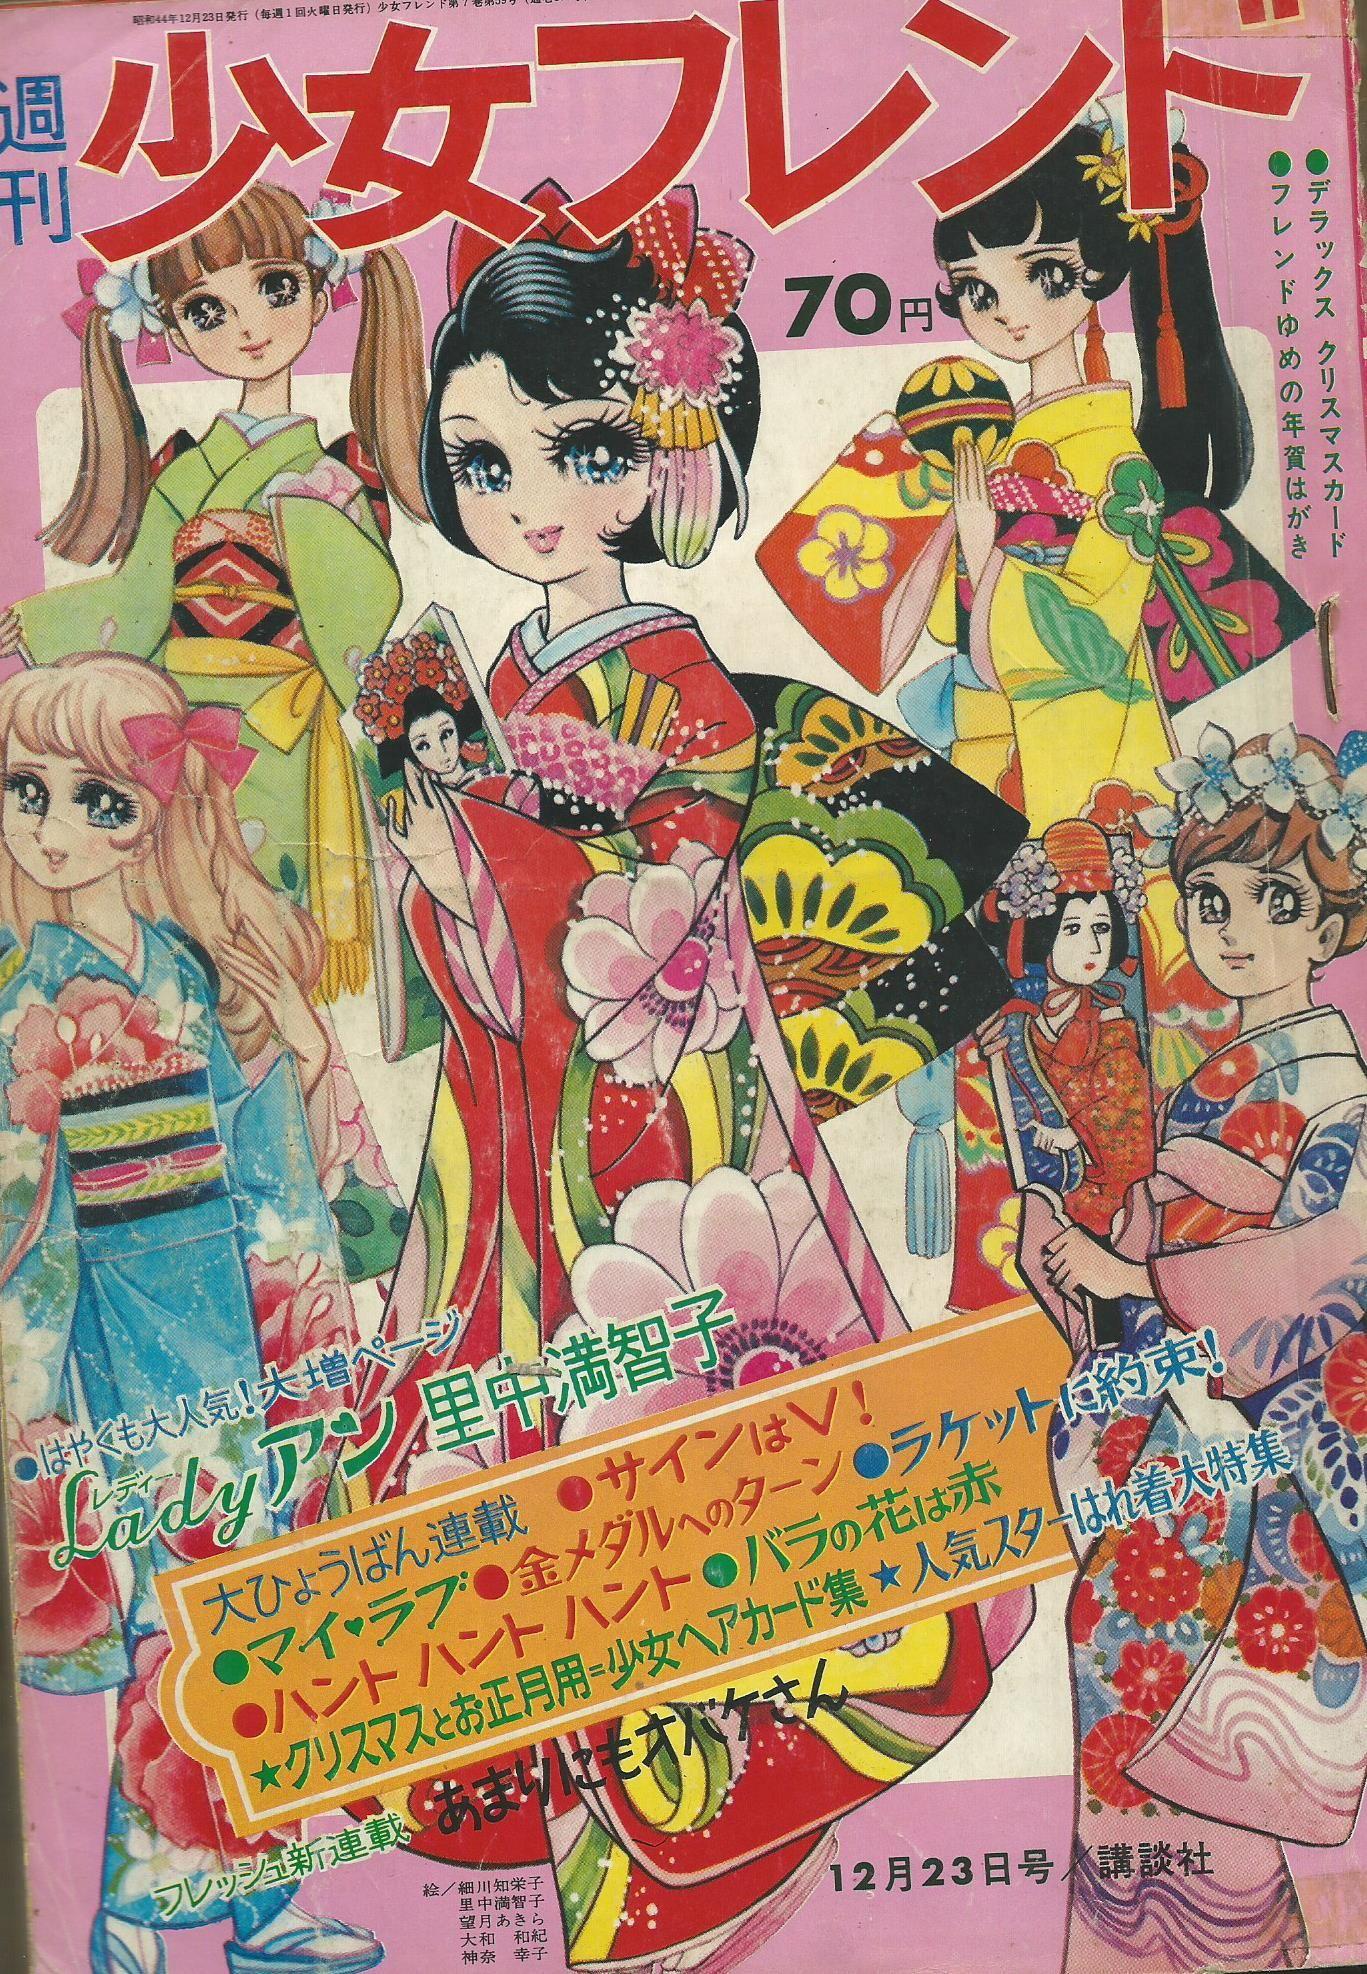 shoujo friend cover | Shojo manga vintage | Pinterest ...